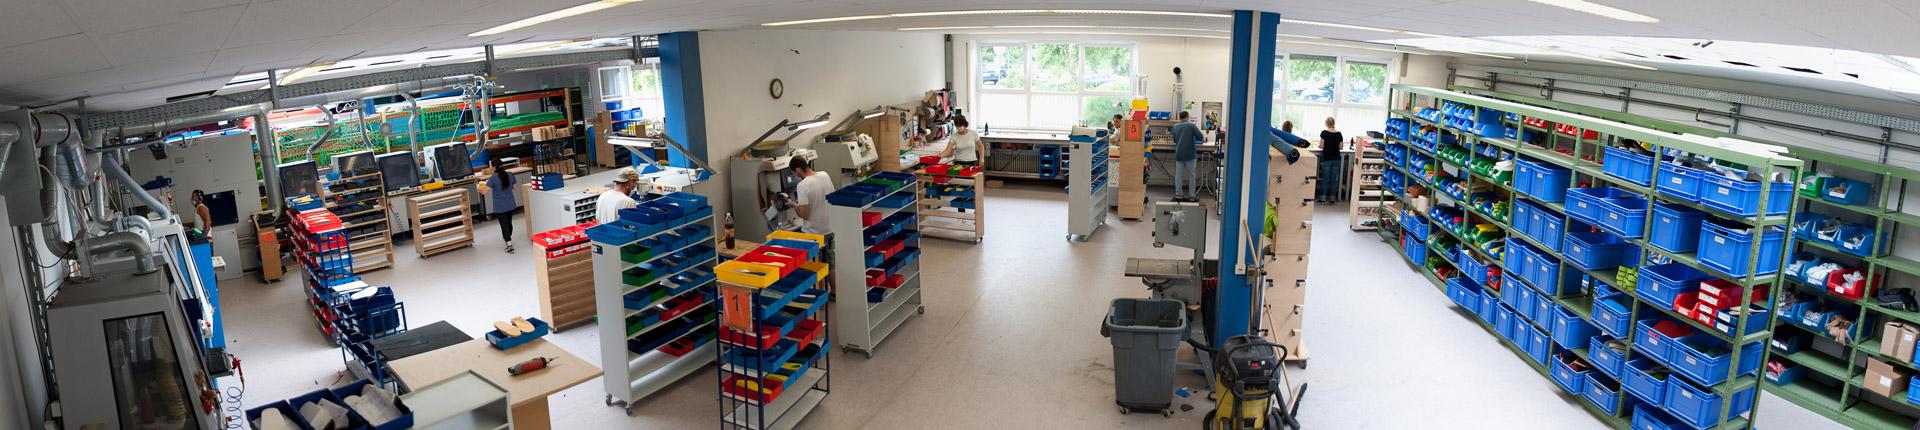 Orthopedie Walter Werkstatt